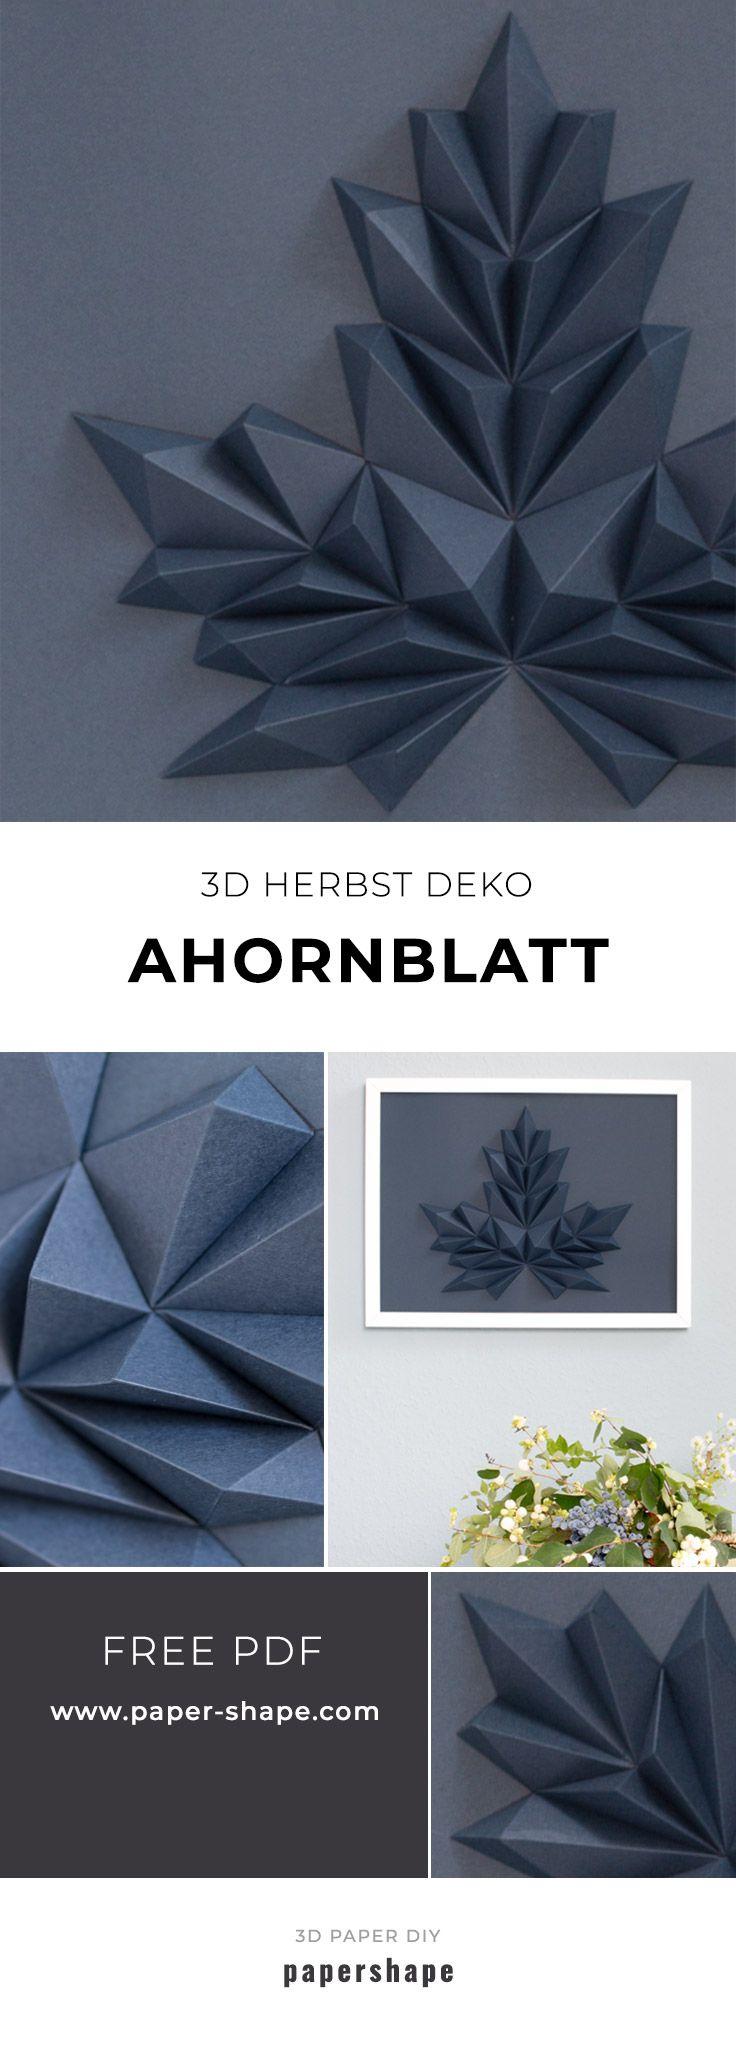 3D-Ahornblatt basteln als Wanddeko (kostenlose Vorlage)